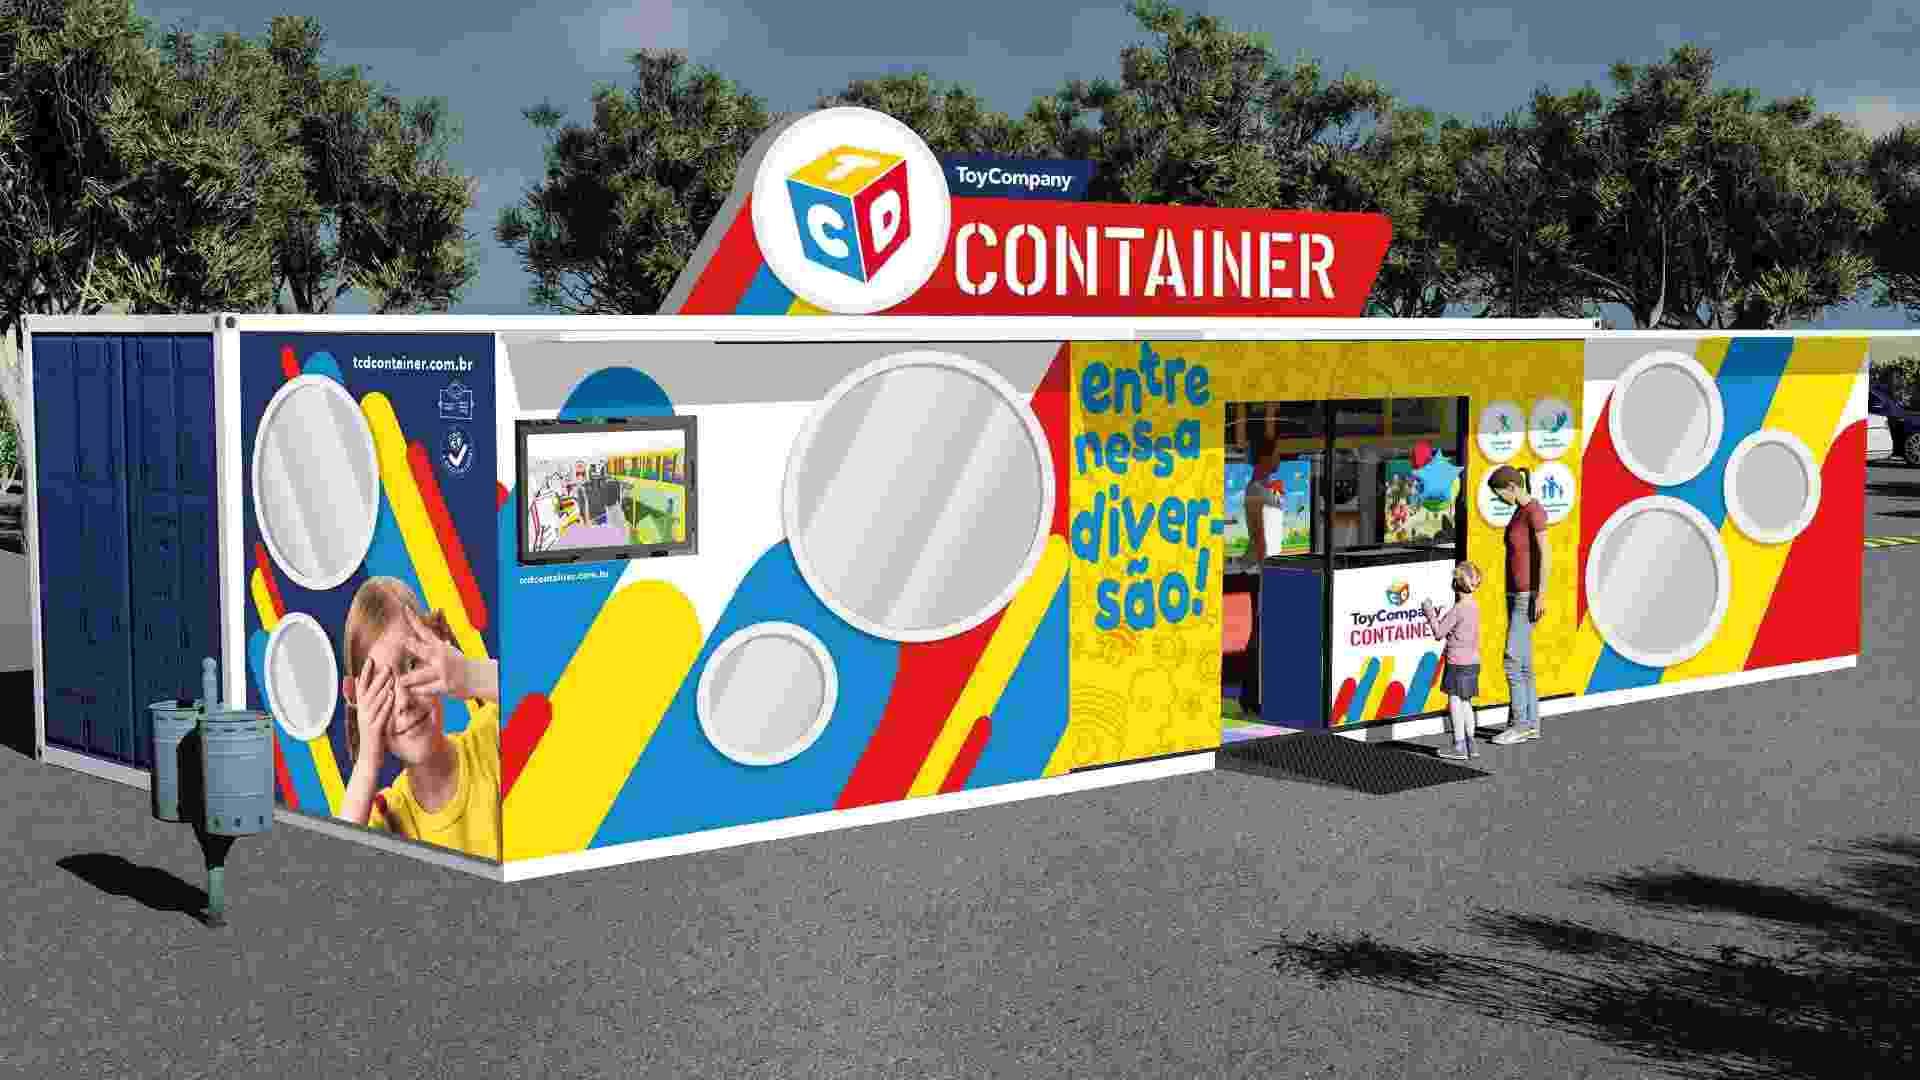 O container é o novo modelo de negócio de franquia da ToyCompany - Divulgação